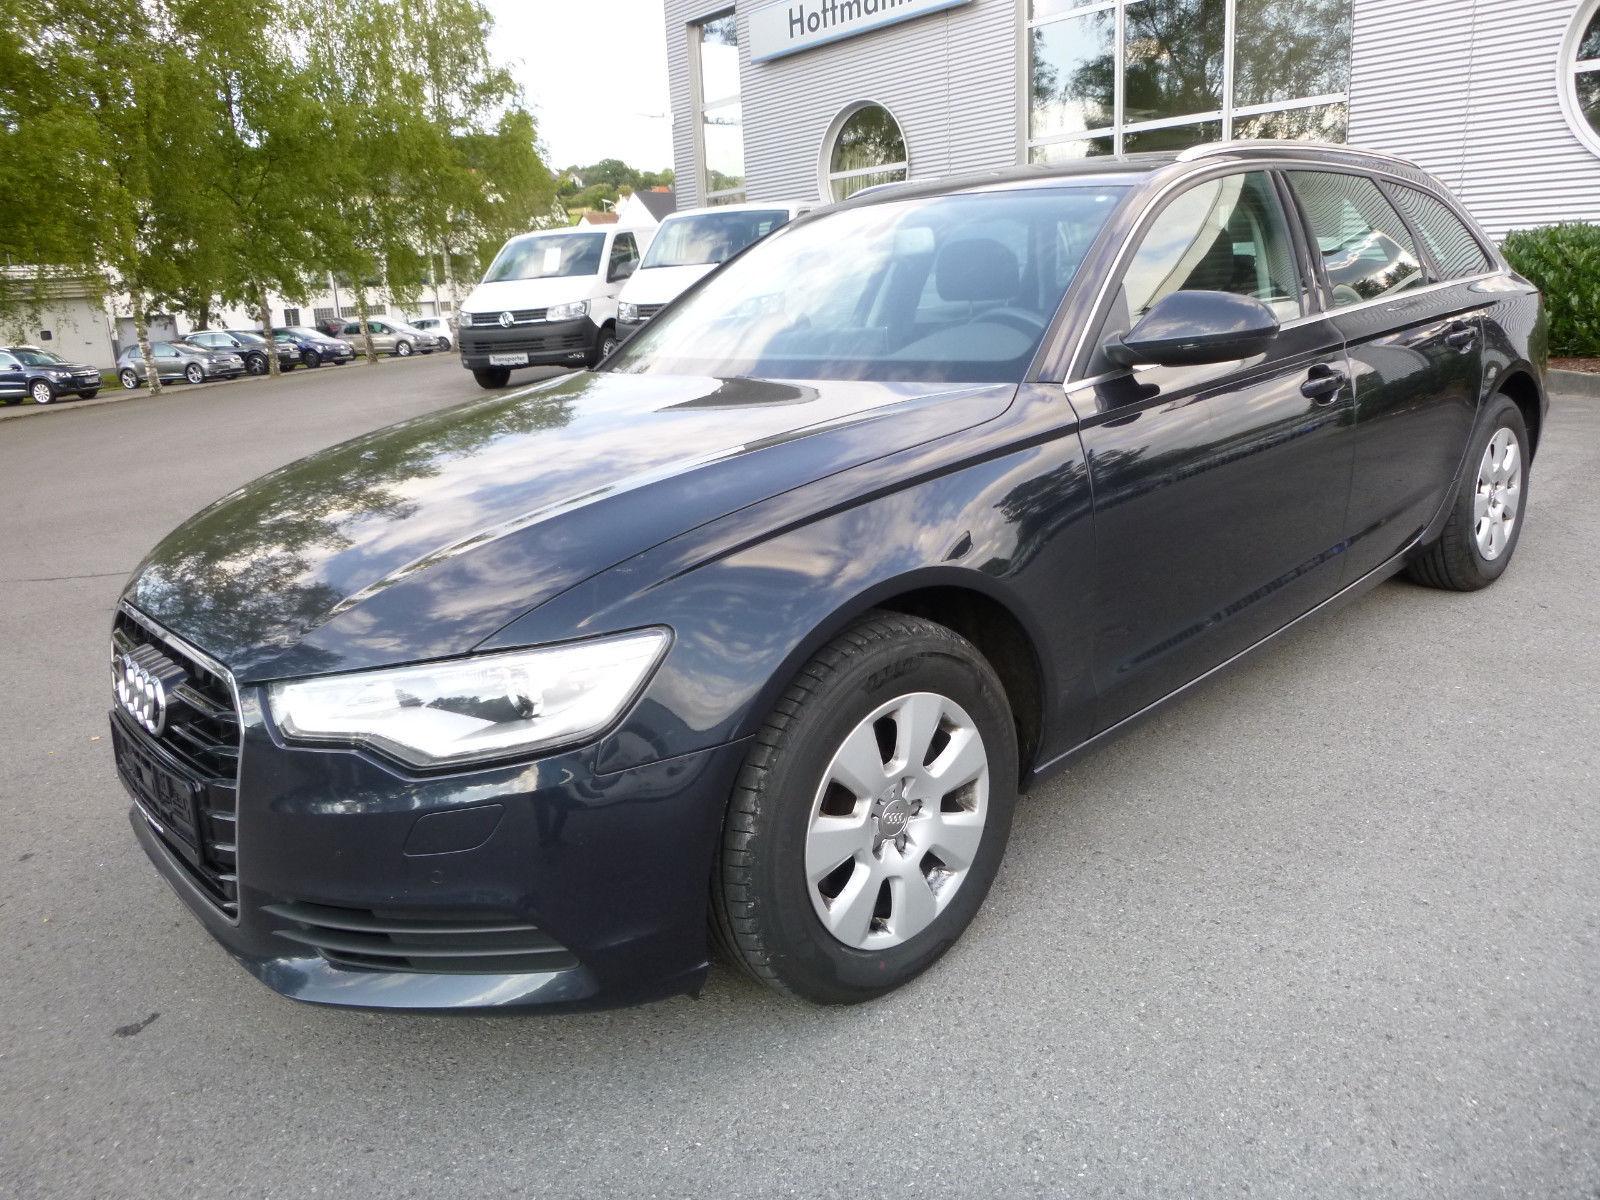 Покупка на кола от Германия -Ауди А6 2013-та, 2.0 TDI, 177 к.с.; 09.09.2017 Галерия (3)